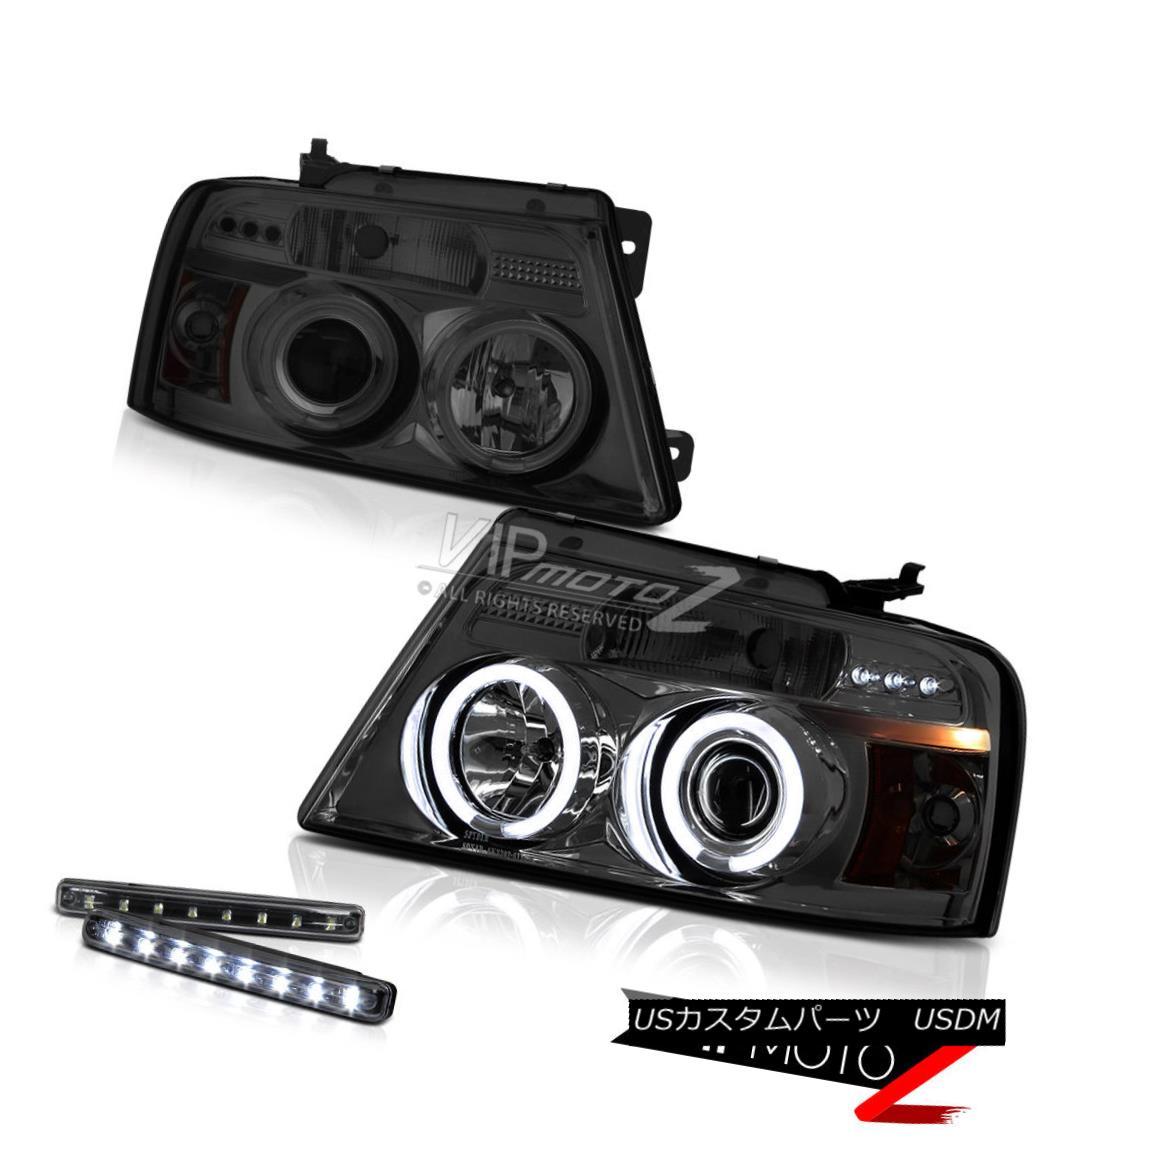 ヘッドライト >>LED LIGHT BAR KIT<< 04-08 Ford F150 Lariat/FX4 CCFL Halo Projector Headlight >< LEDライトバーキット< 04-08 Ford F150 Lariat / FX4 CCFL Haloプロジェクターヘッドライト